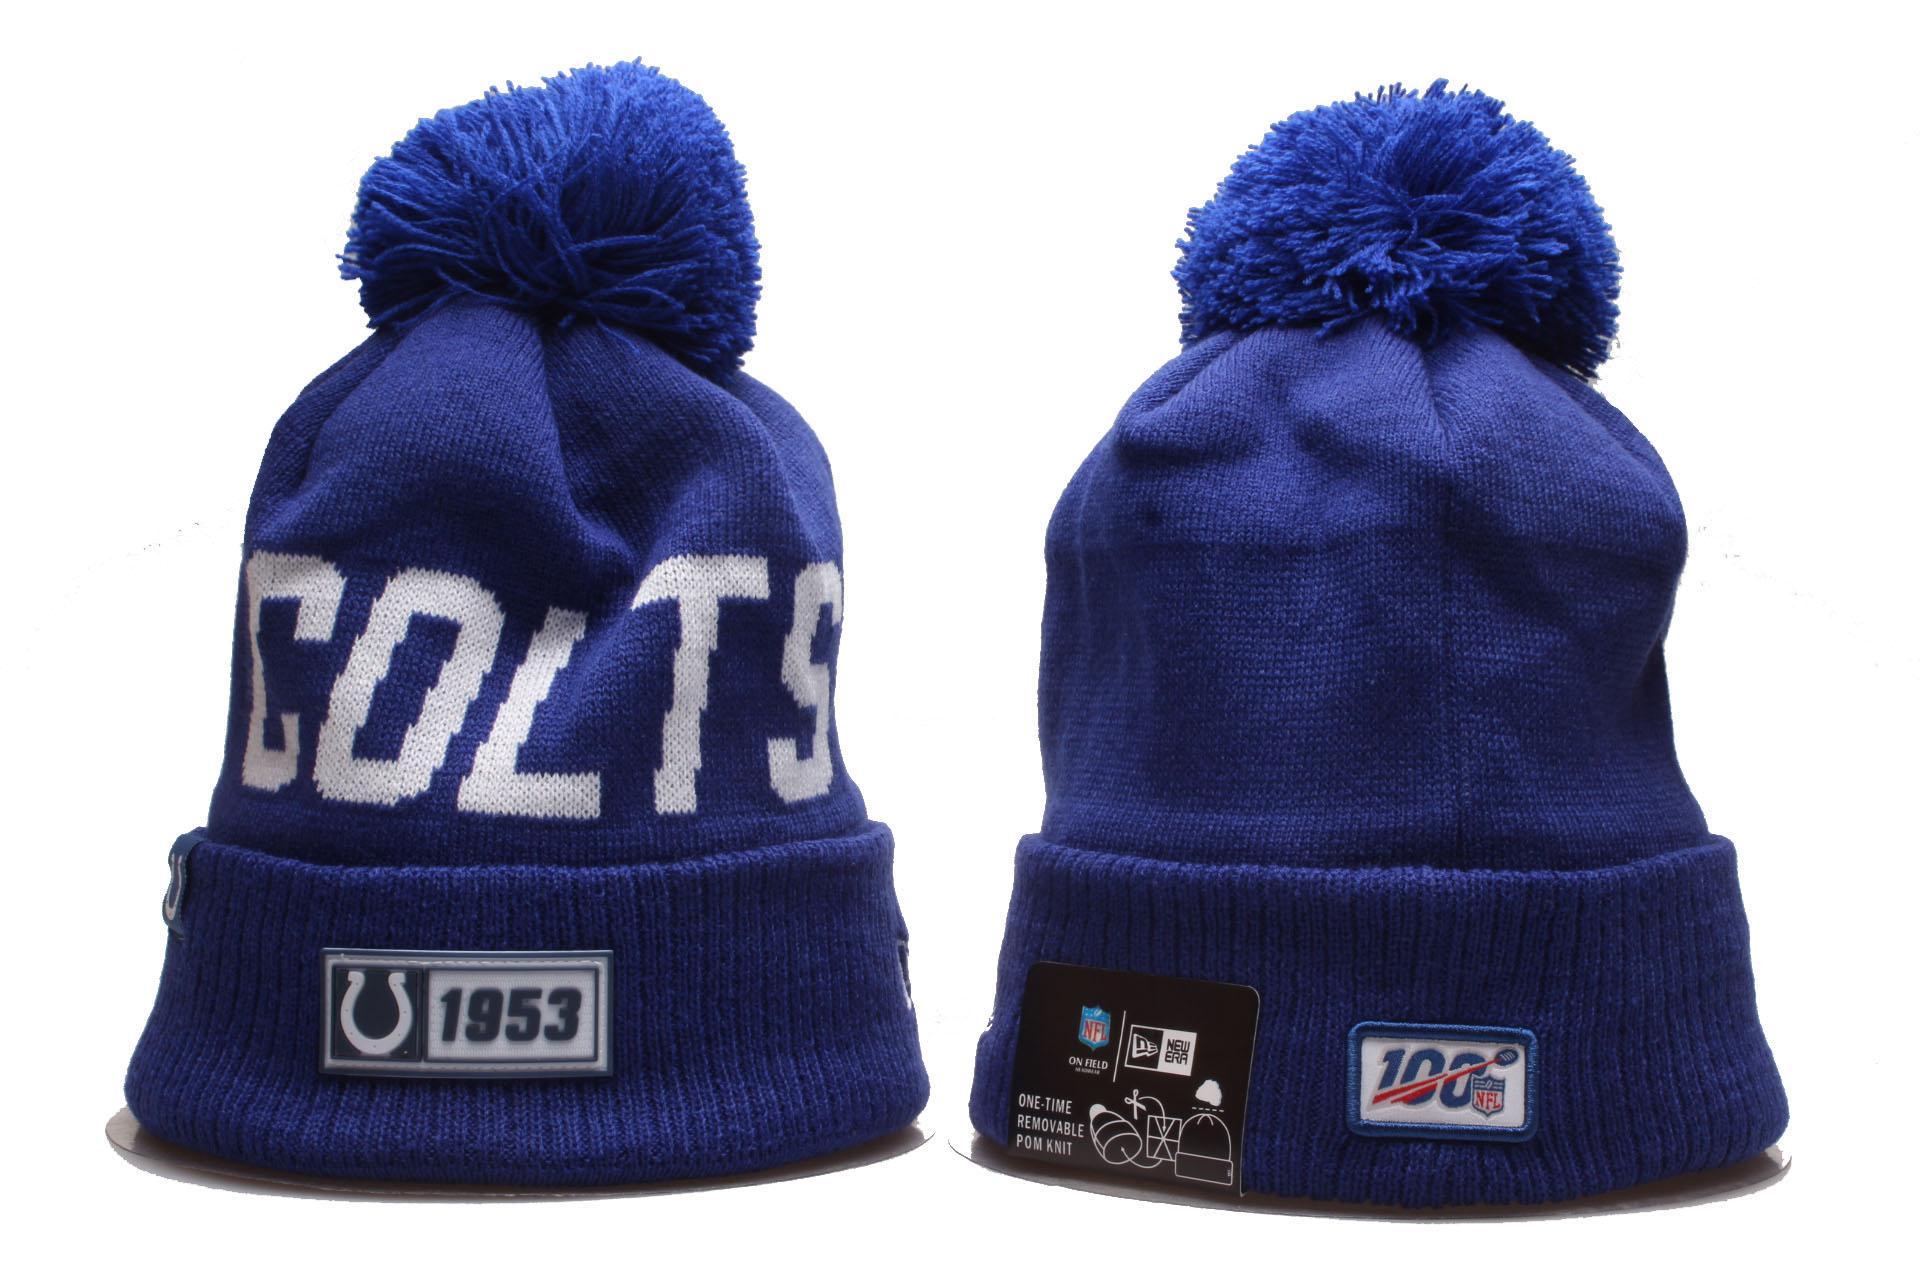 Colts Team Logo Blue 100th Season Cuffed Pom Knit Hat YP